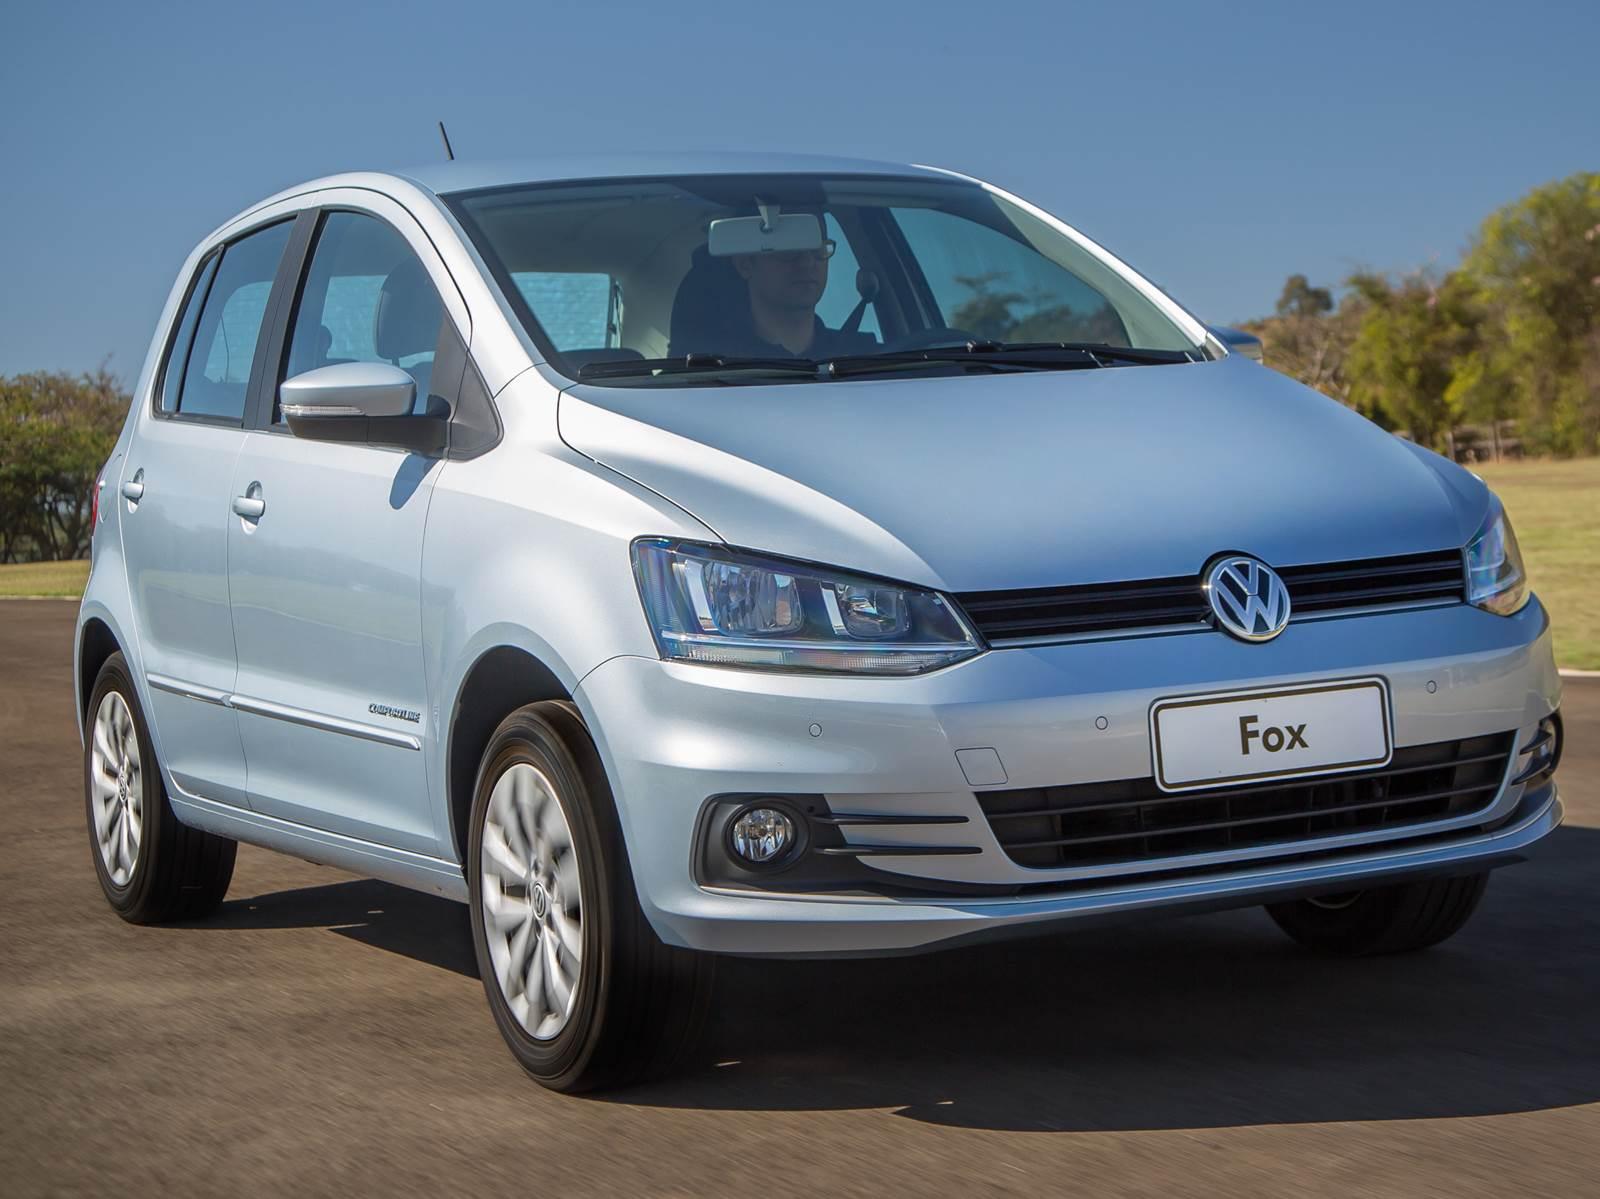 VW Fox 2016 Comfortline